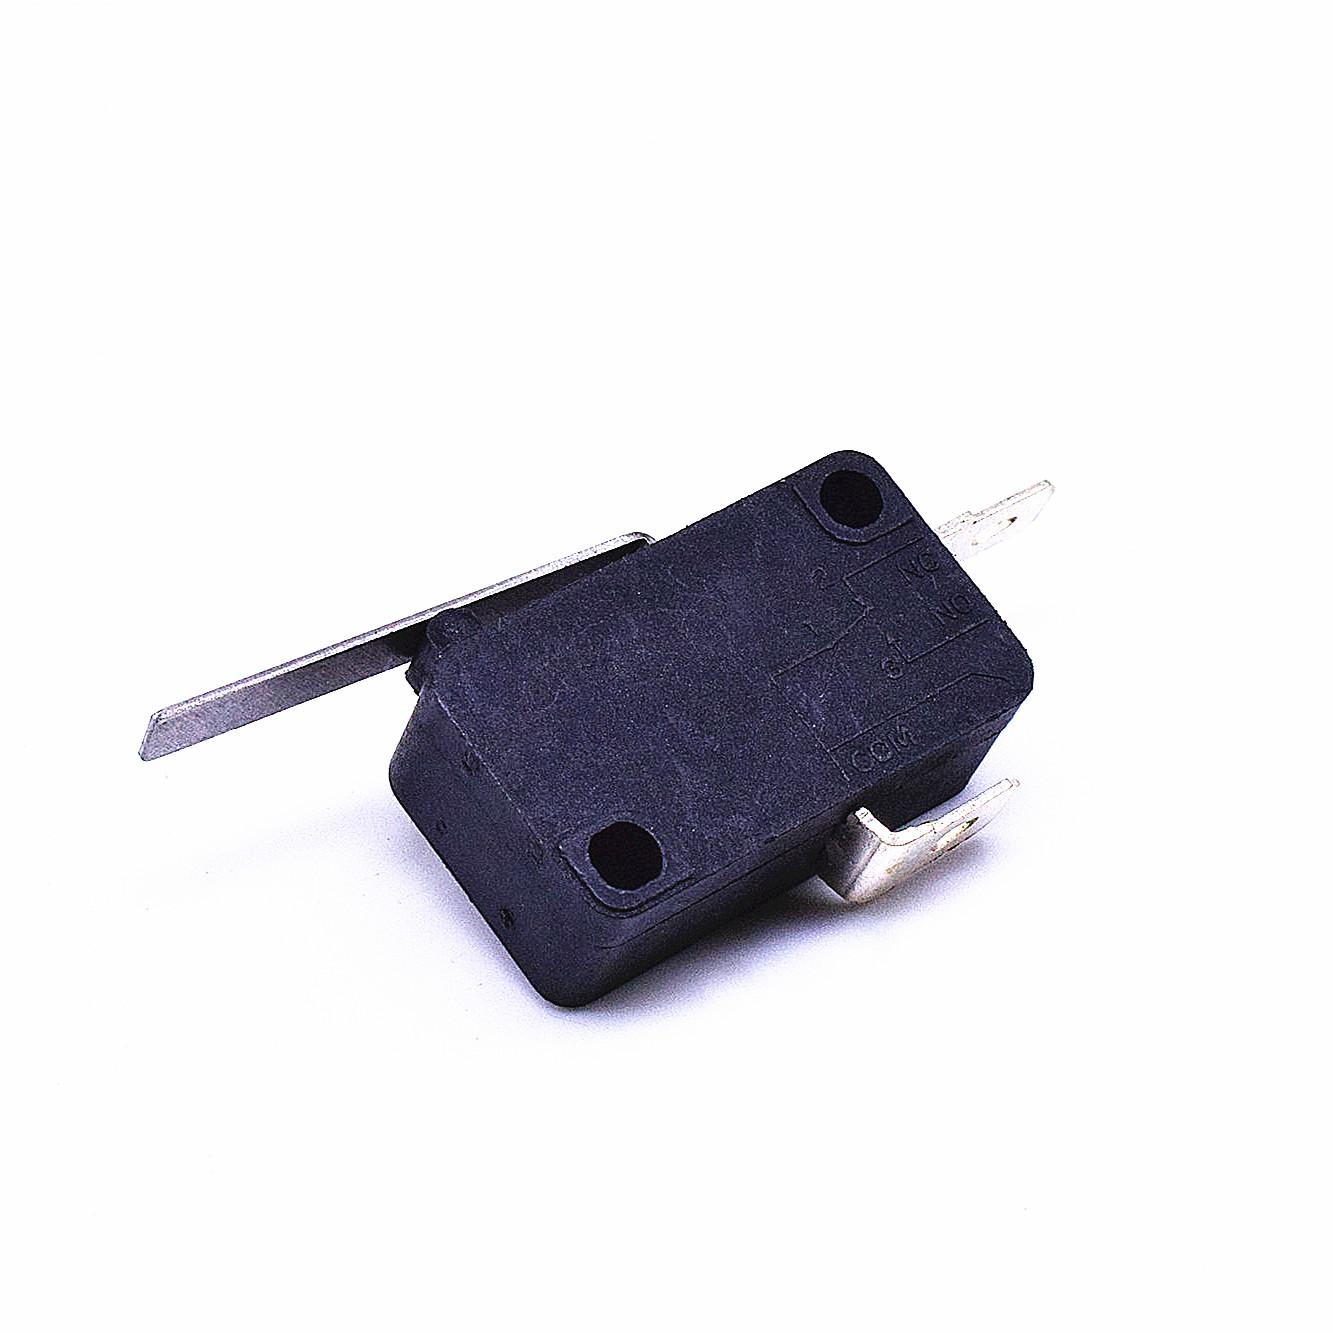 KW3-163-1A2(常開型4.8H插片)-B(殼體全黑 )-G(黑色按柄)